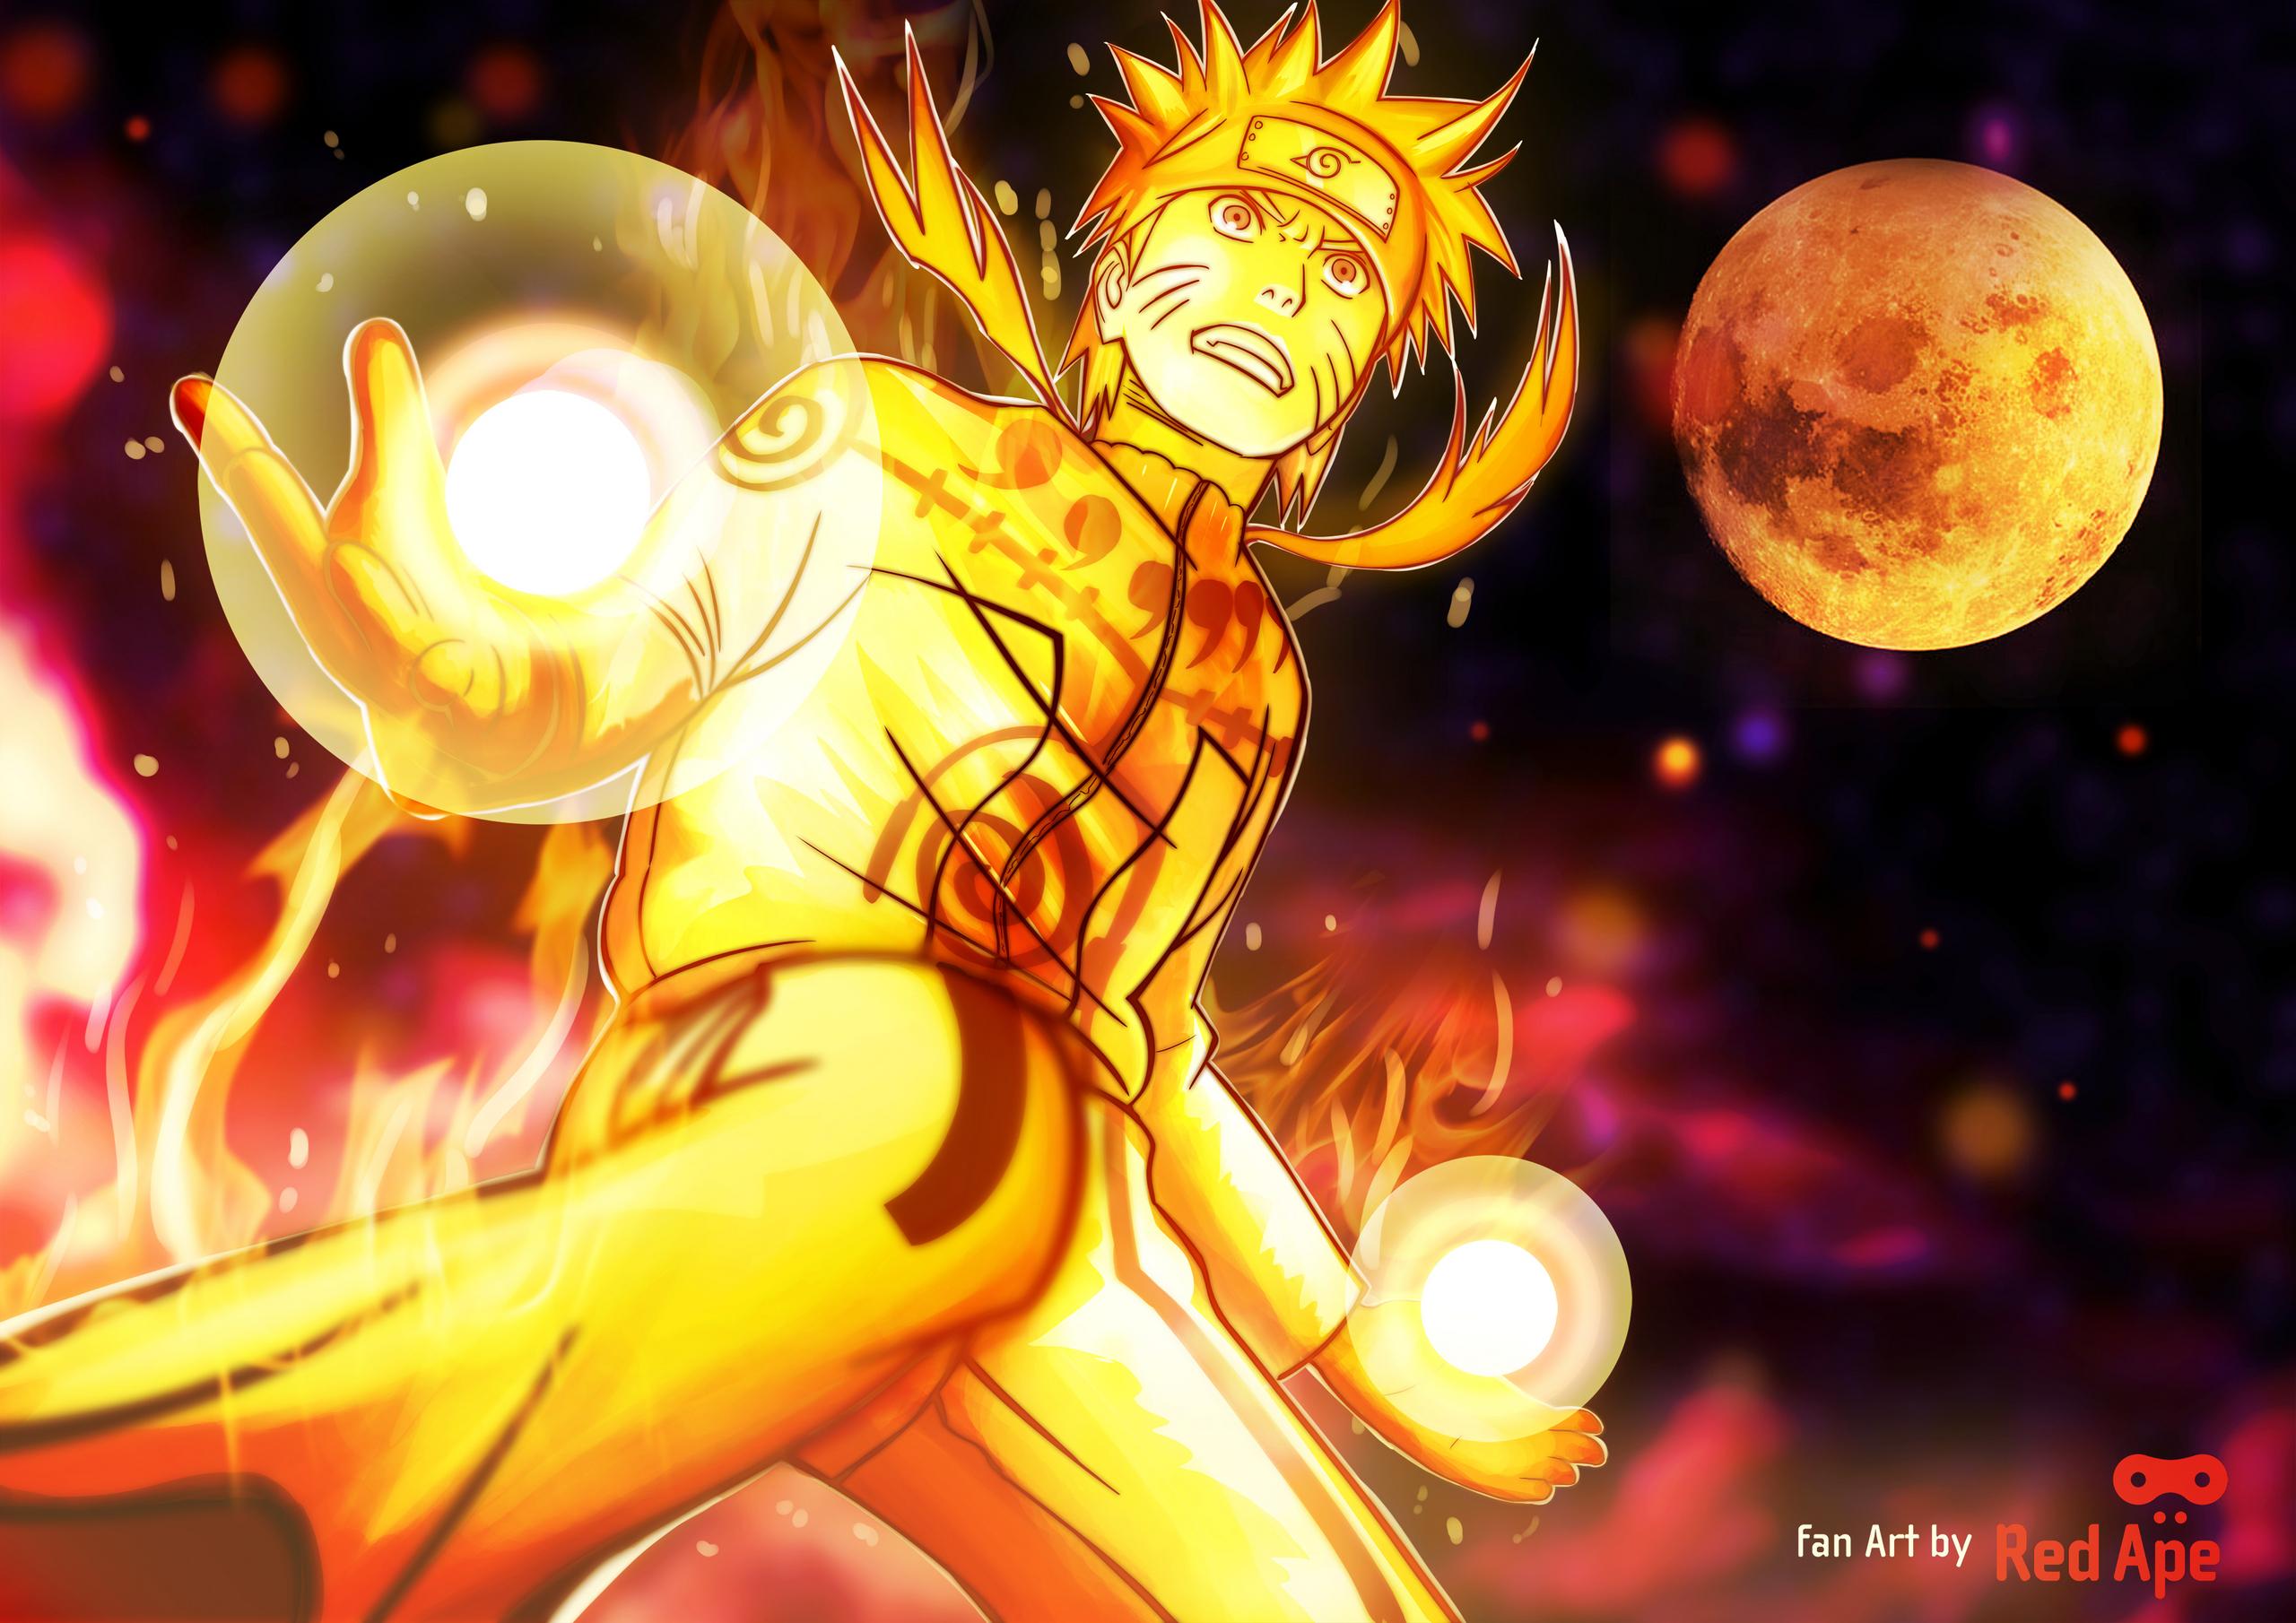 Naruto nine tails chakra mode   Uzumaki Naruto Shippuuden Photo 2560x1810